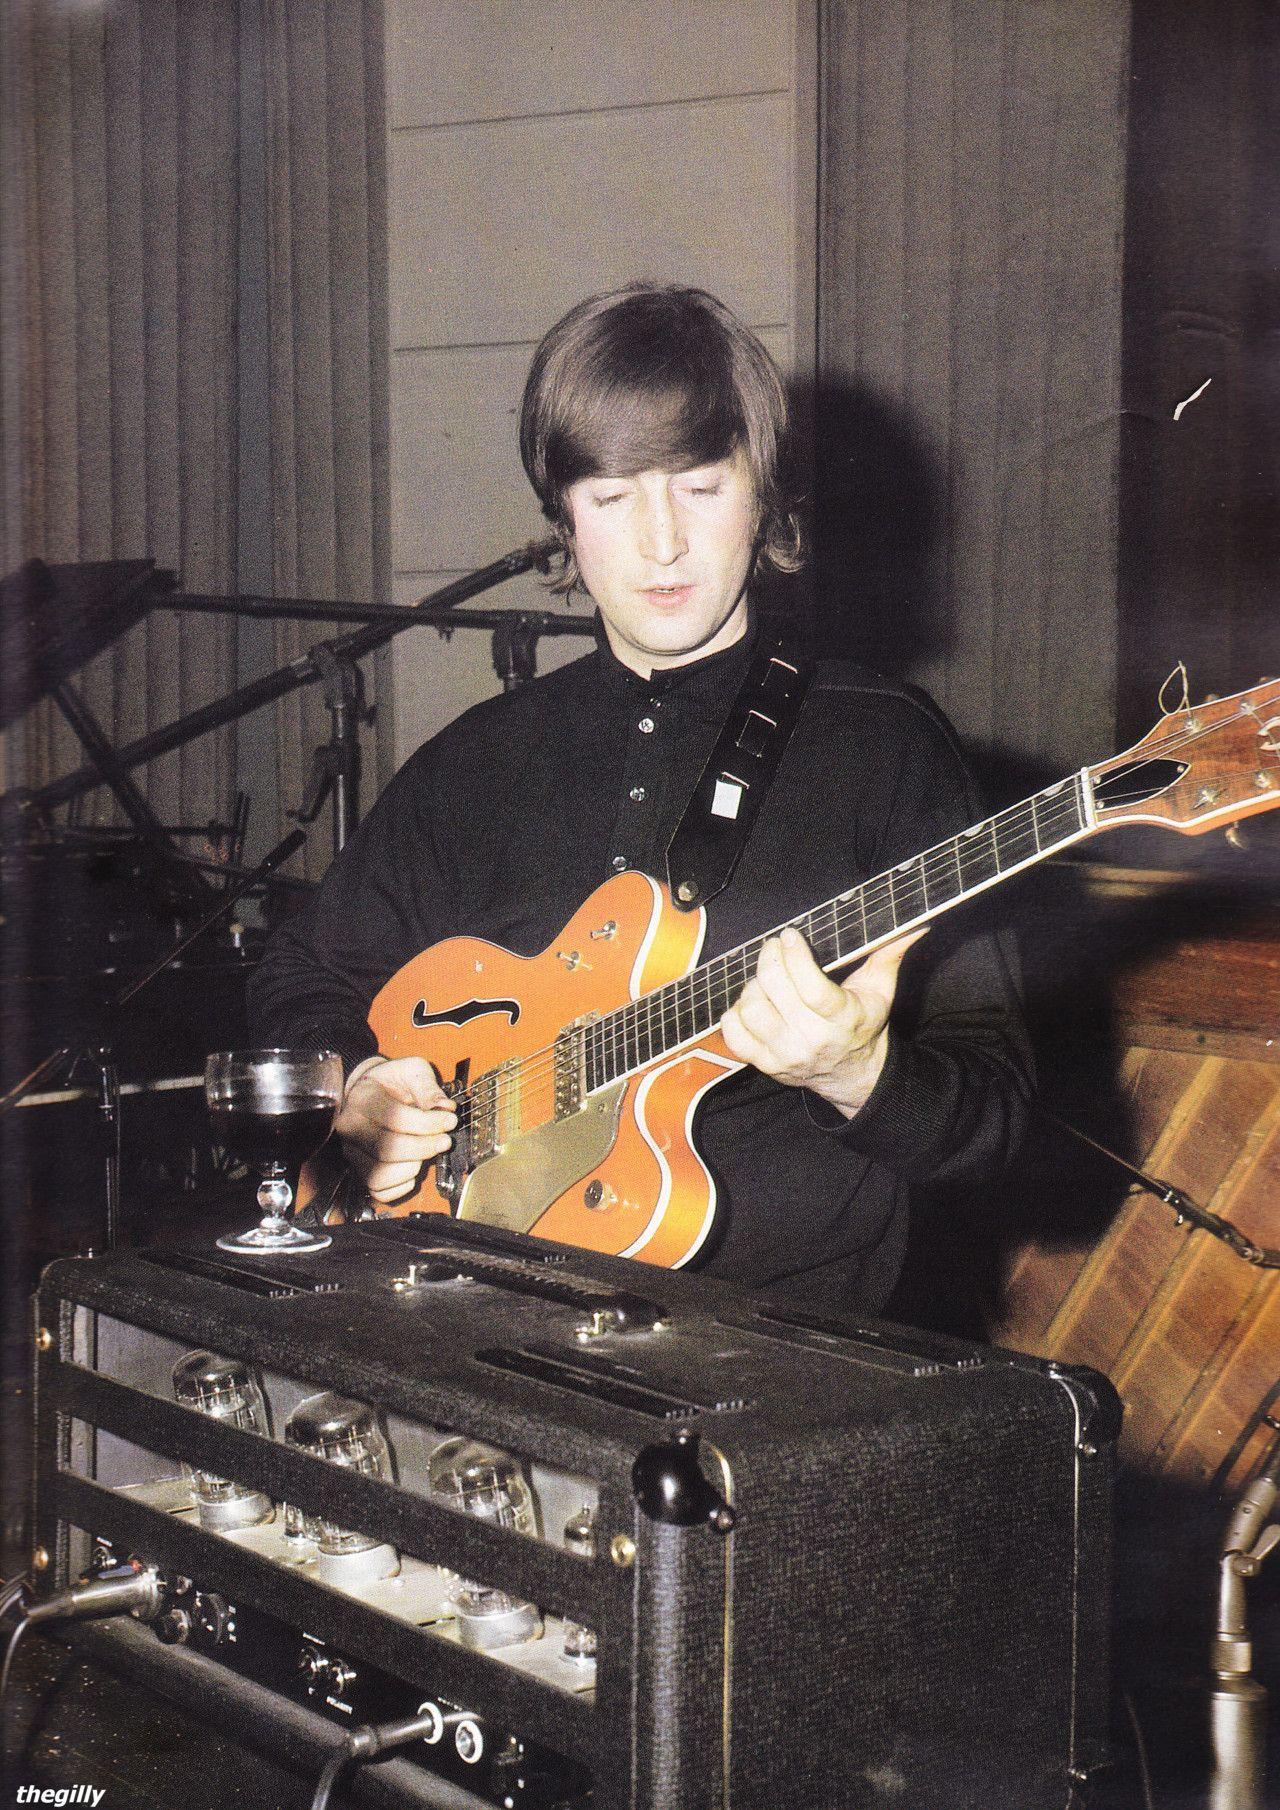 John Lennon during Revolver sessions | Music | John lennon, Beatles